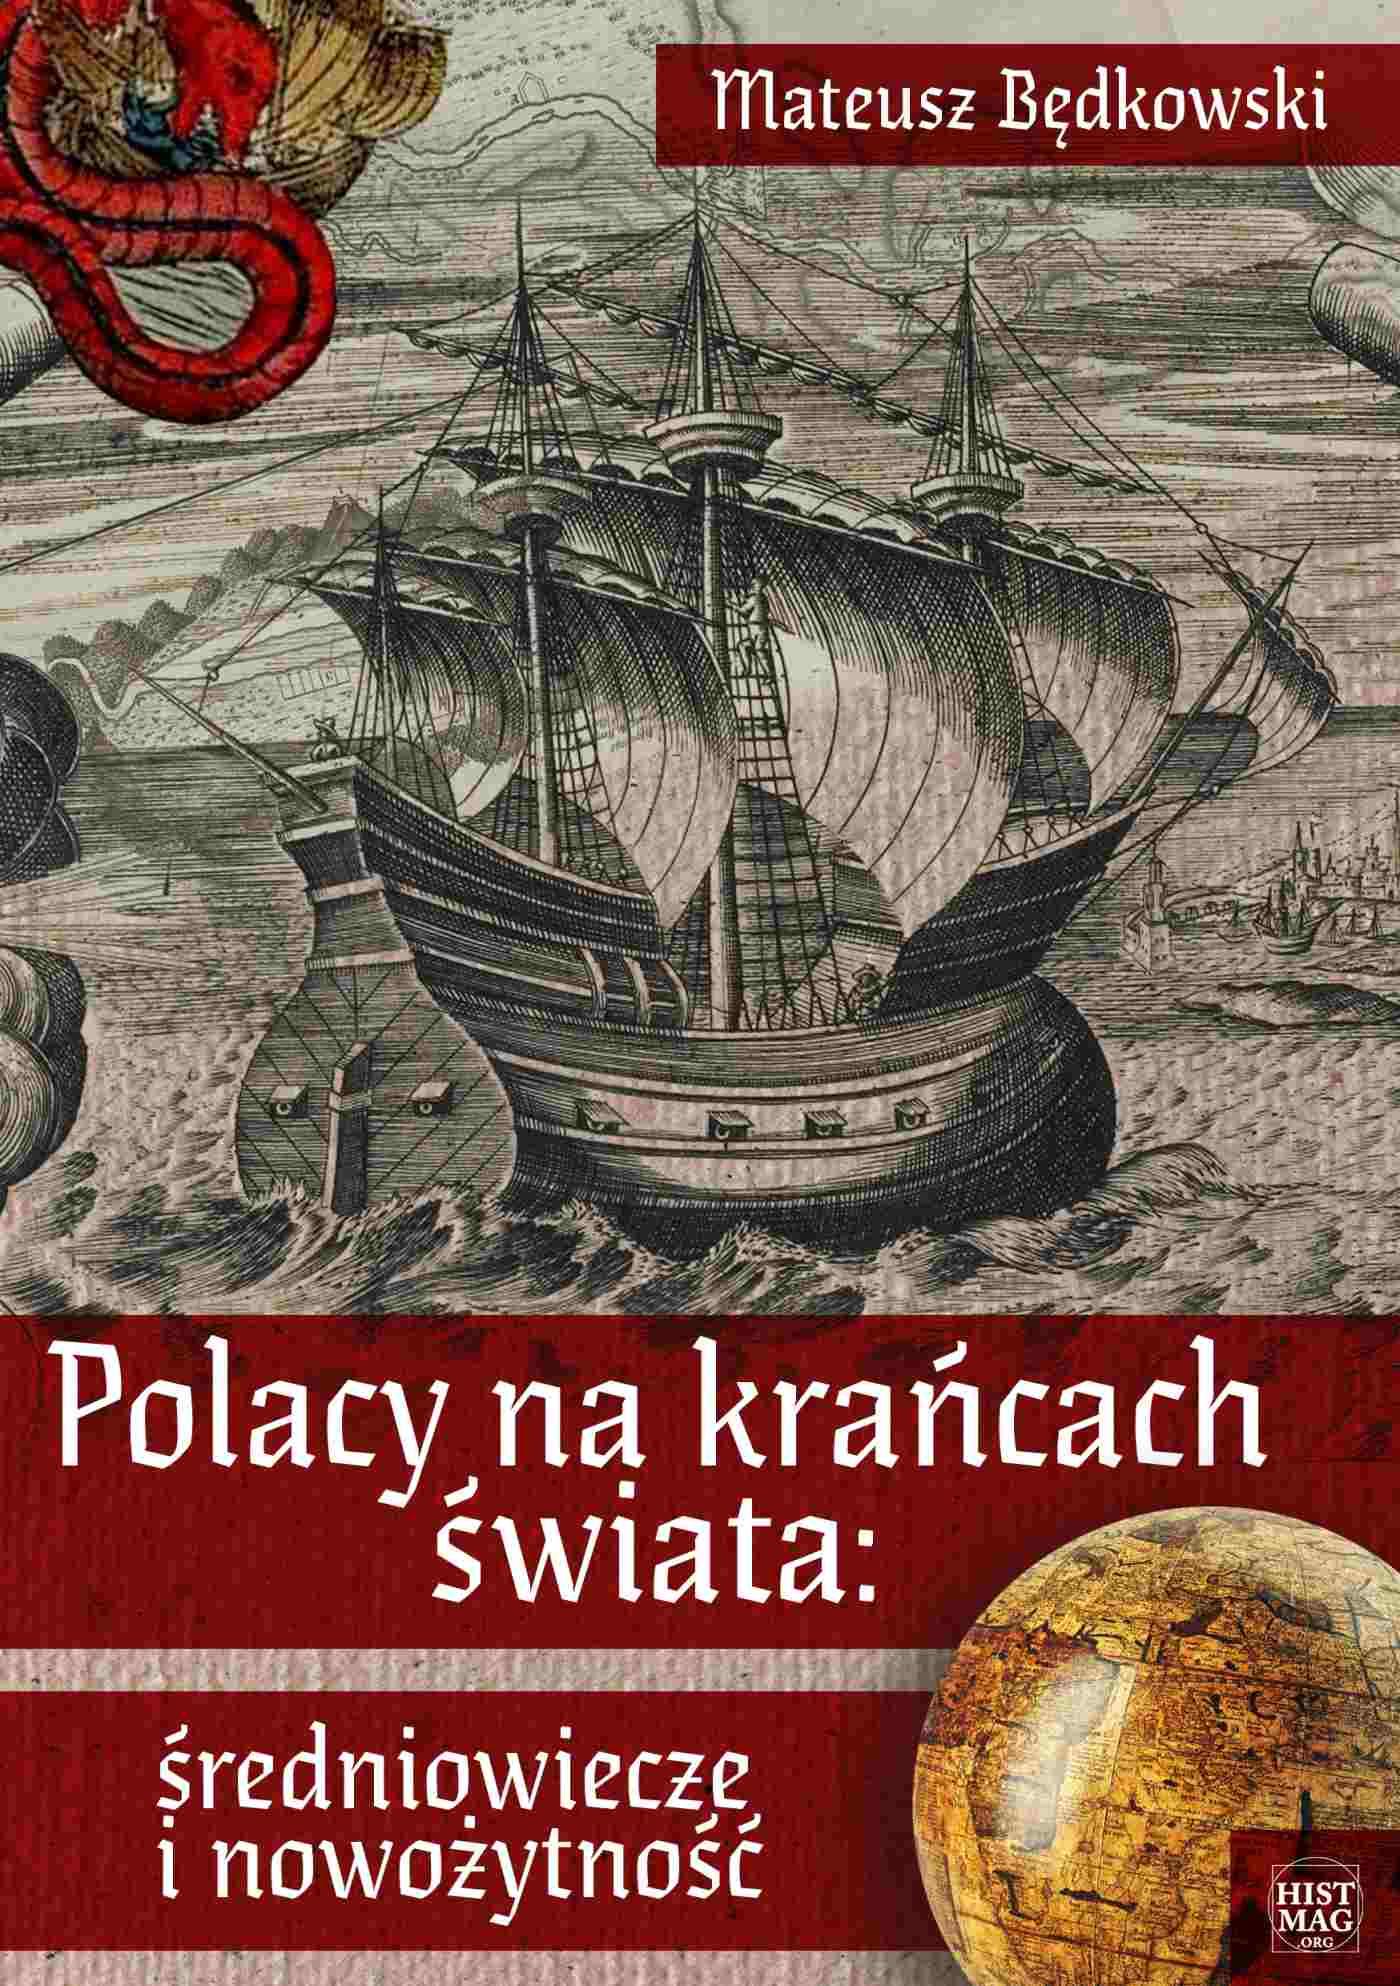 Polacy na krańcach świata: średniowiecze i nowożytność - Ebook (Książka EPUB) do pobrania w formacie EPUB